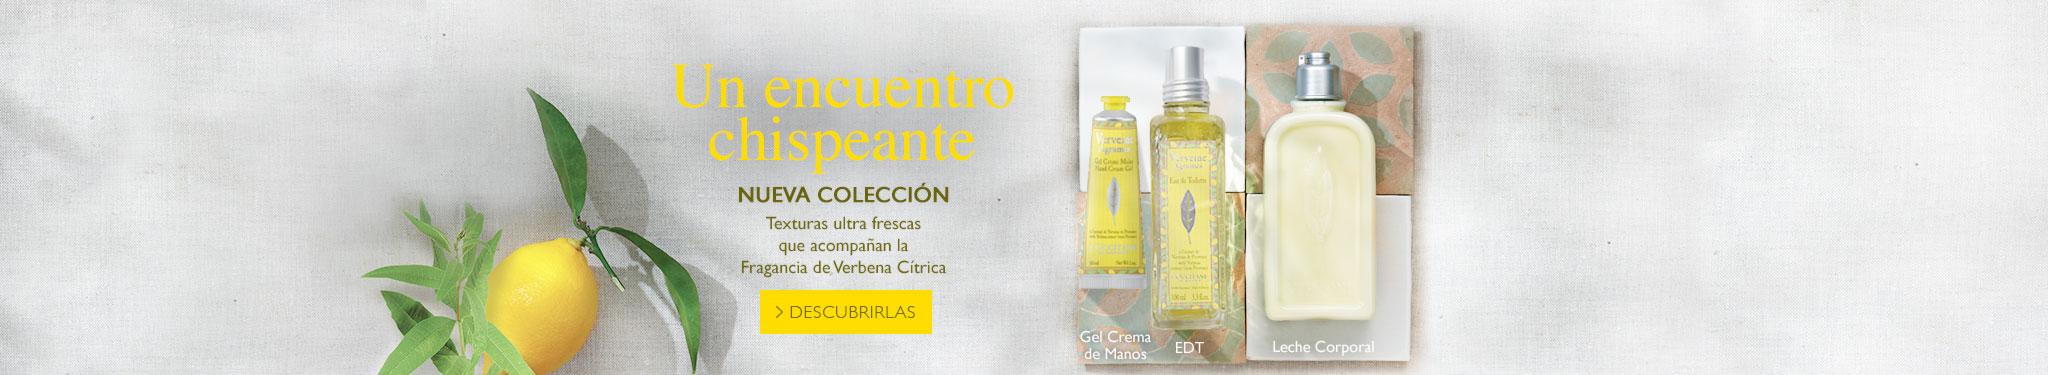 Nueva colección verbena citrus